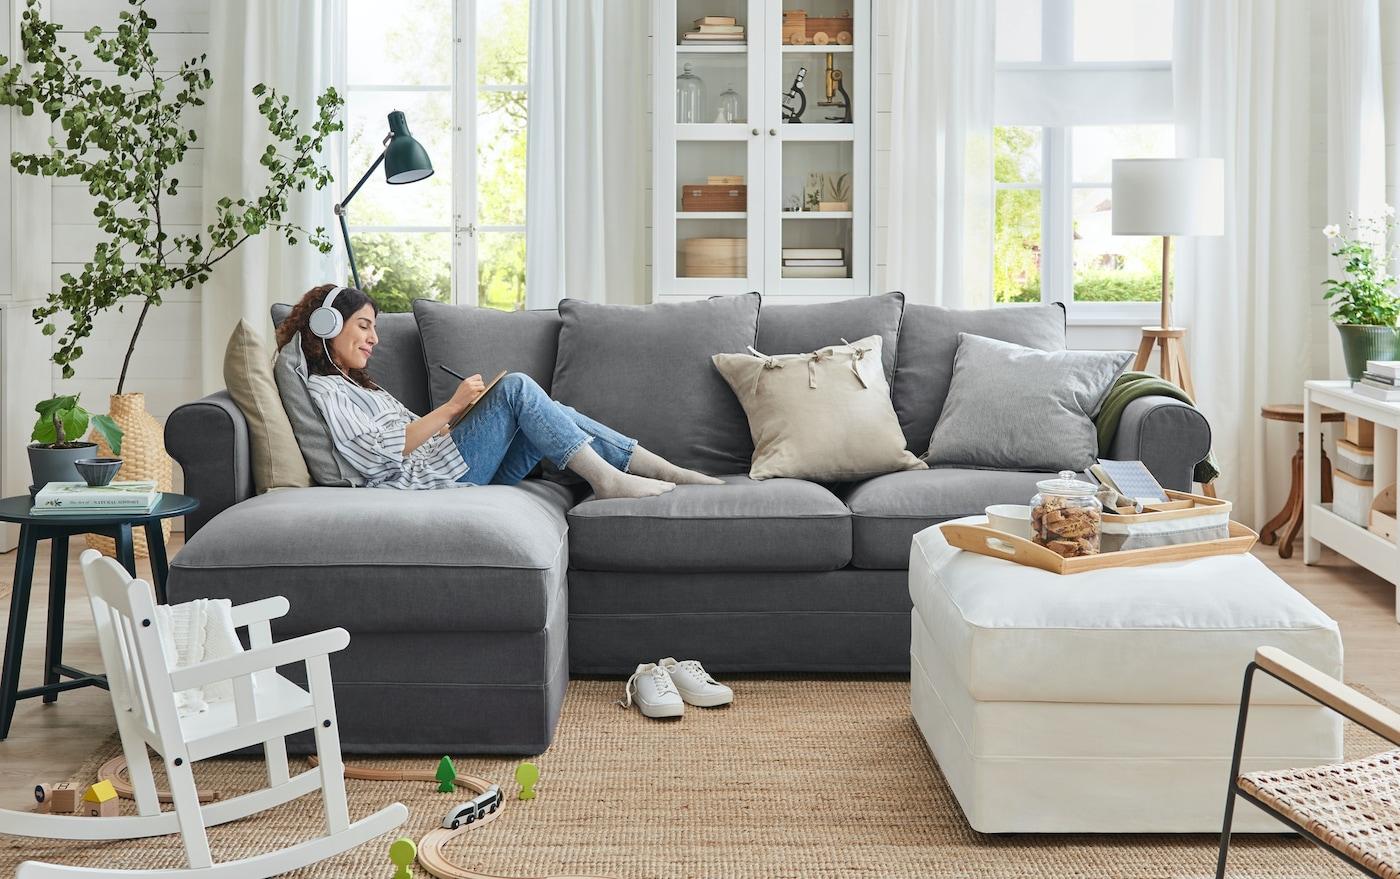 Wohnzimmer & Wohnzimmermöbel für dein Zuhause - IKEA Deutschland